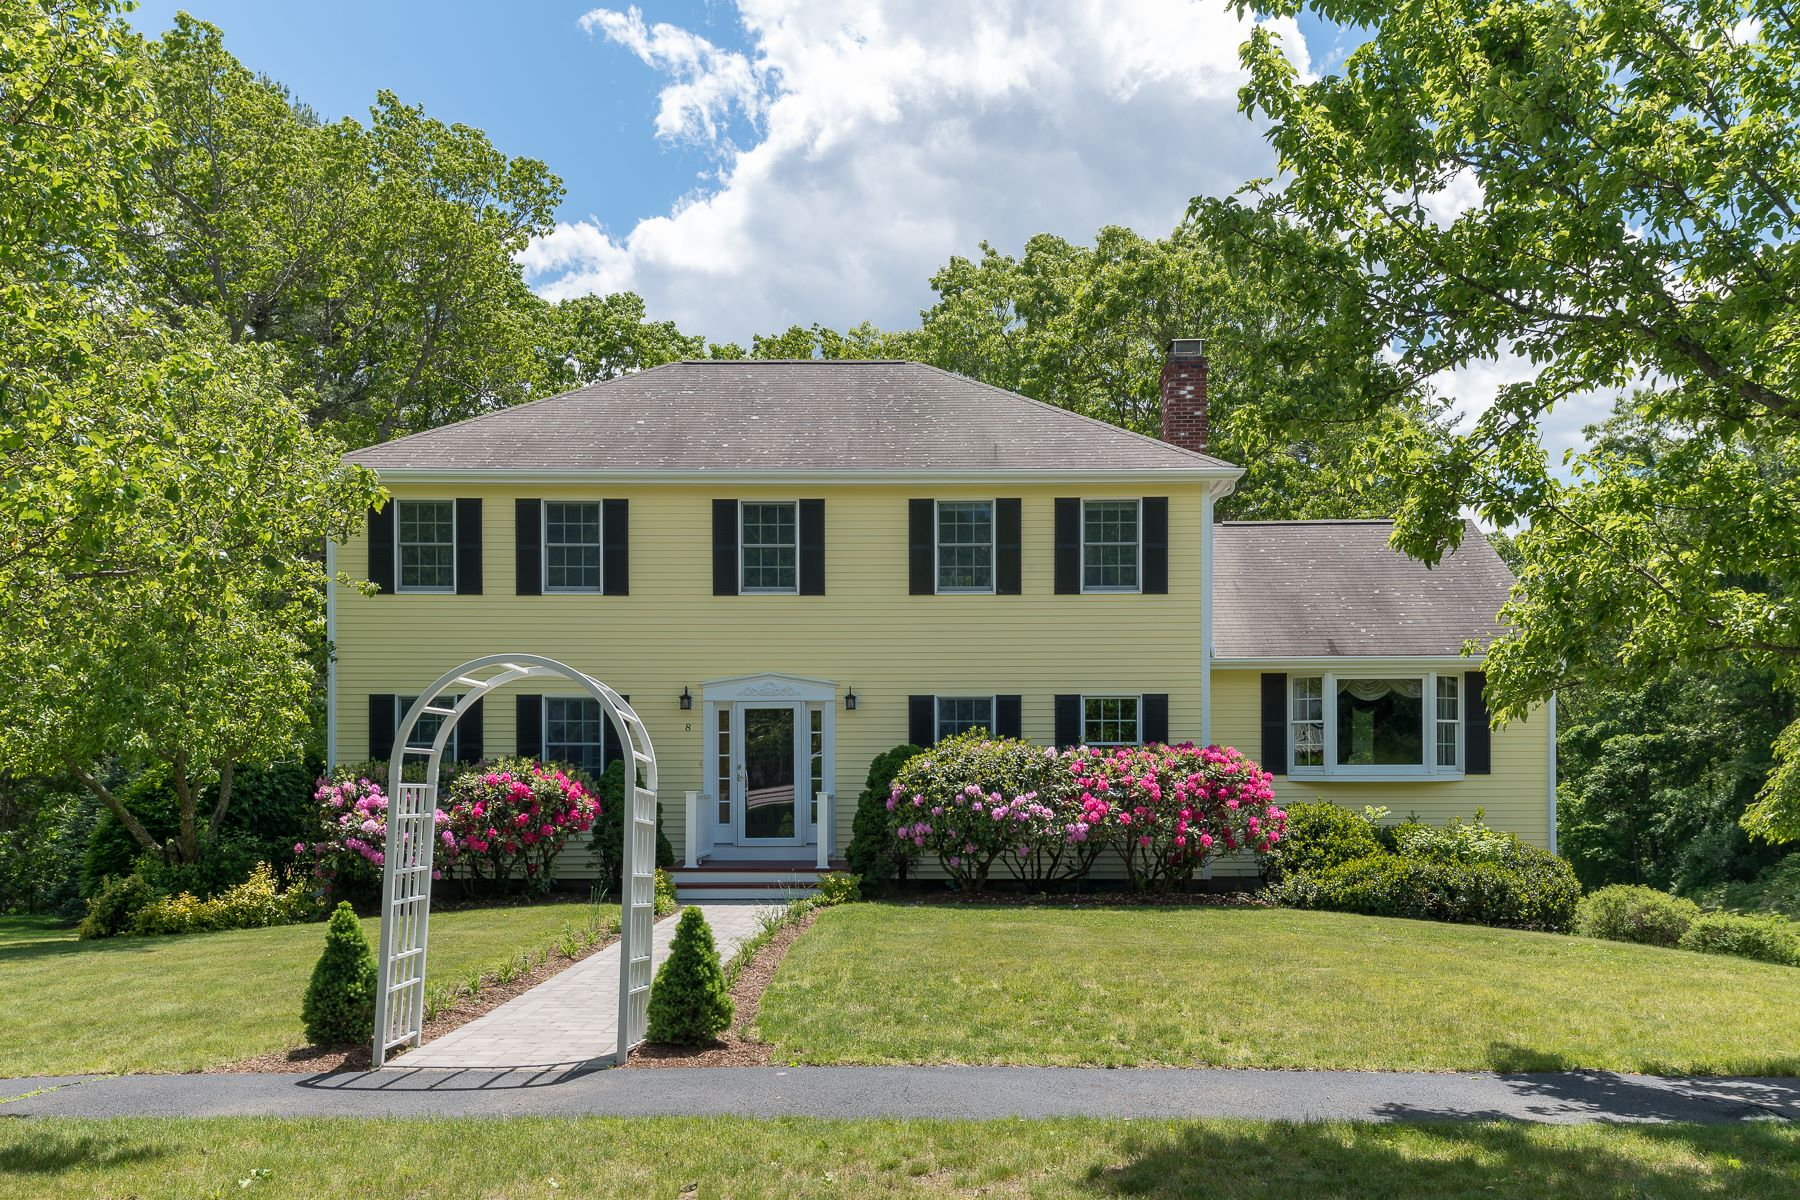 Maison unifamiliale pour l Vente à Center Entrance Colonial 8 Morgan Drive Danvers, Massachusetts 01923 États-Unis